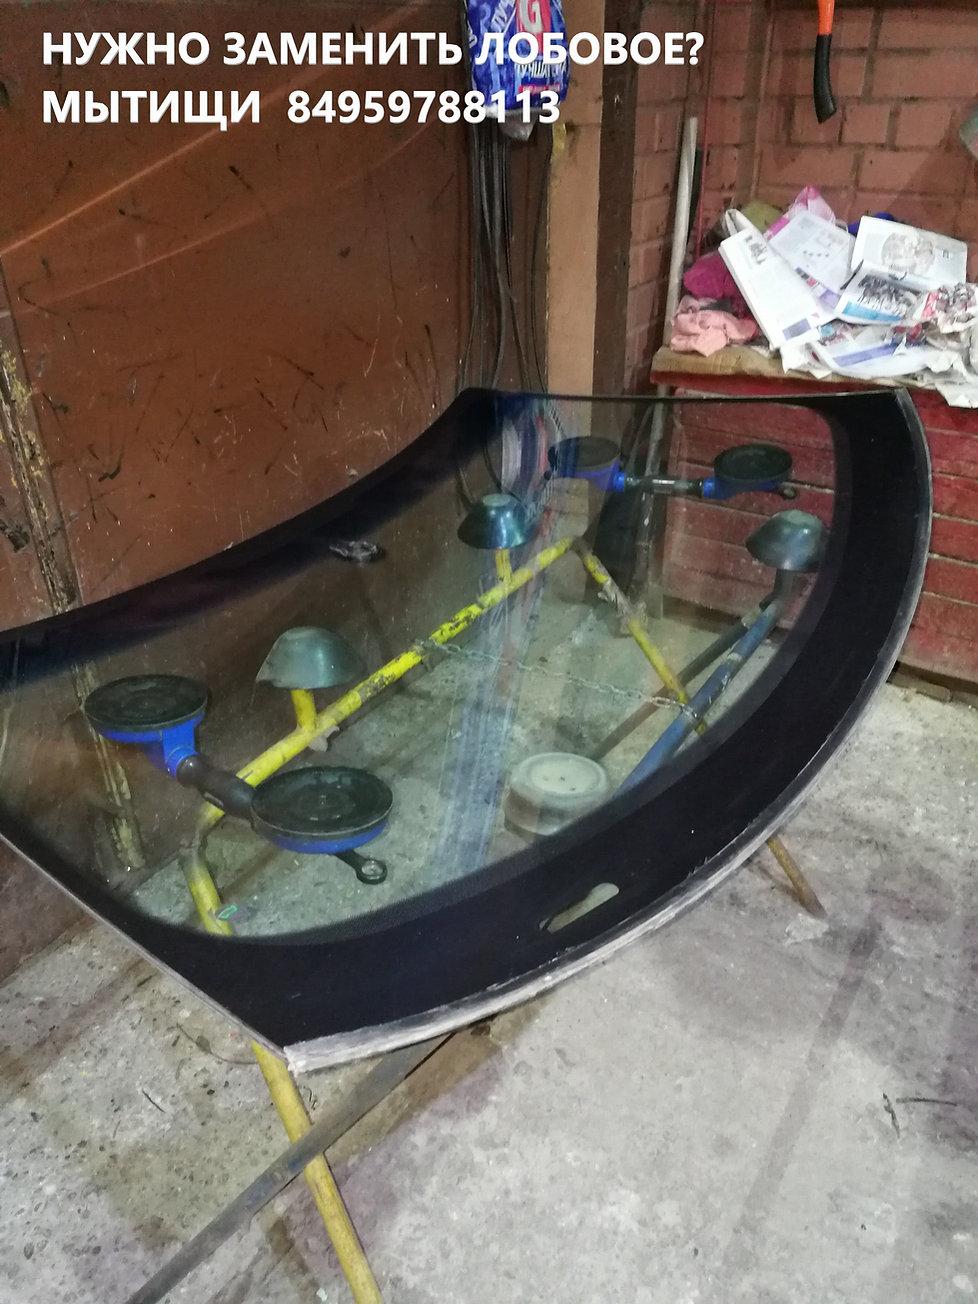 замена лобового стекла Бид BYD в мытищах, королеве